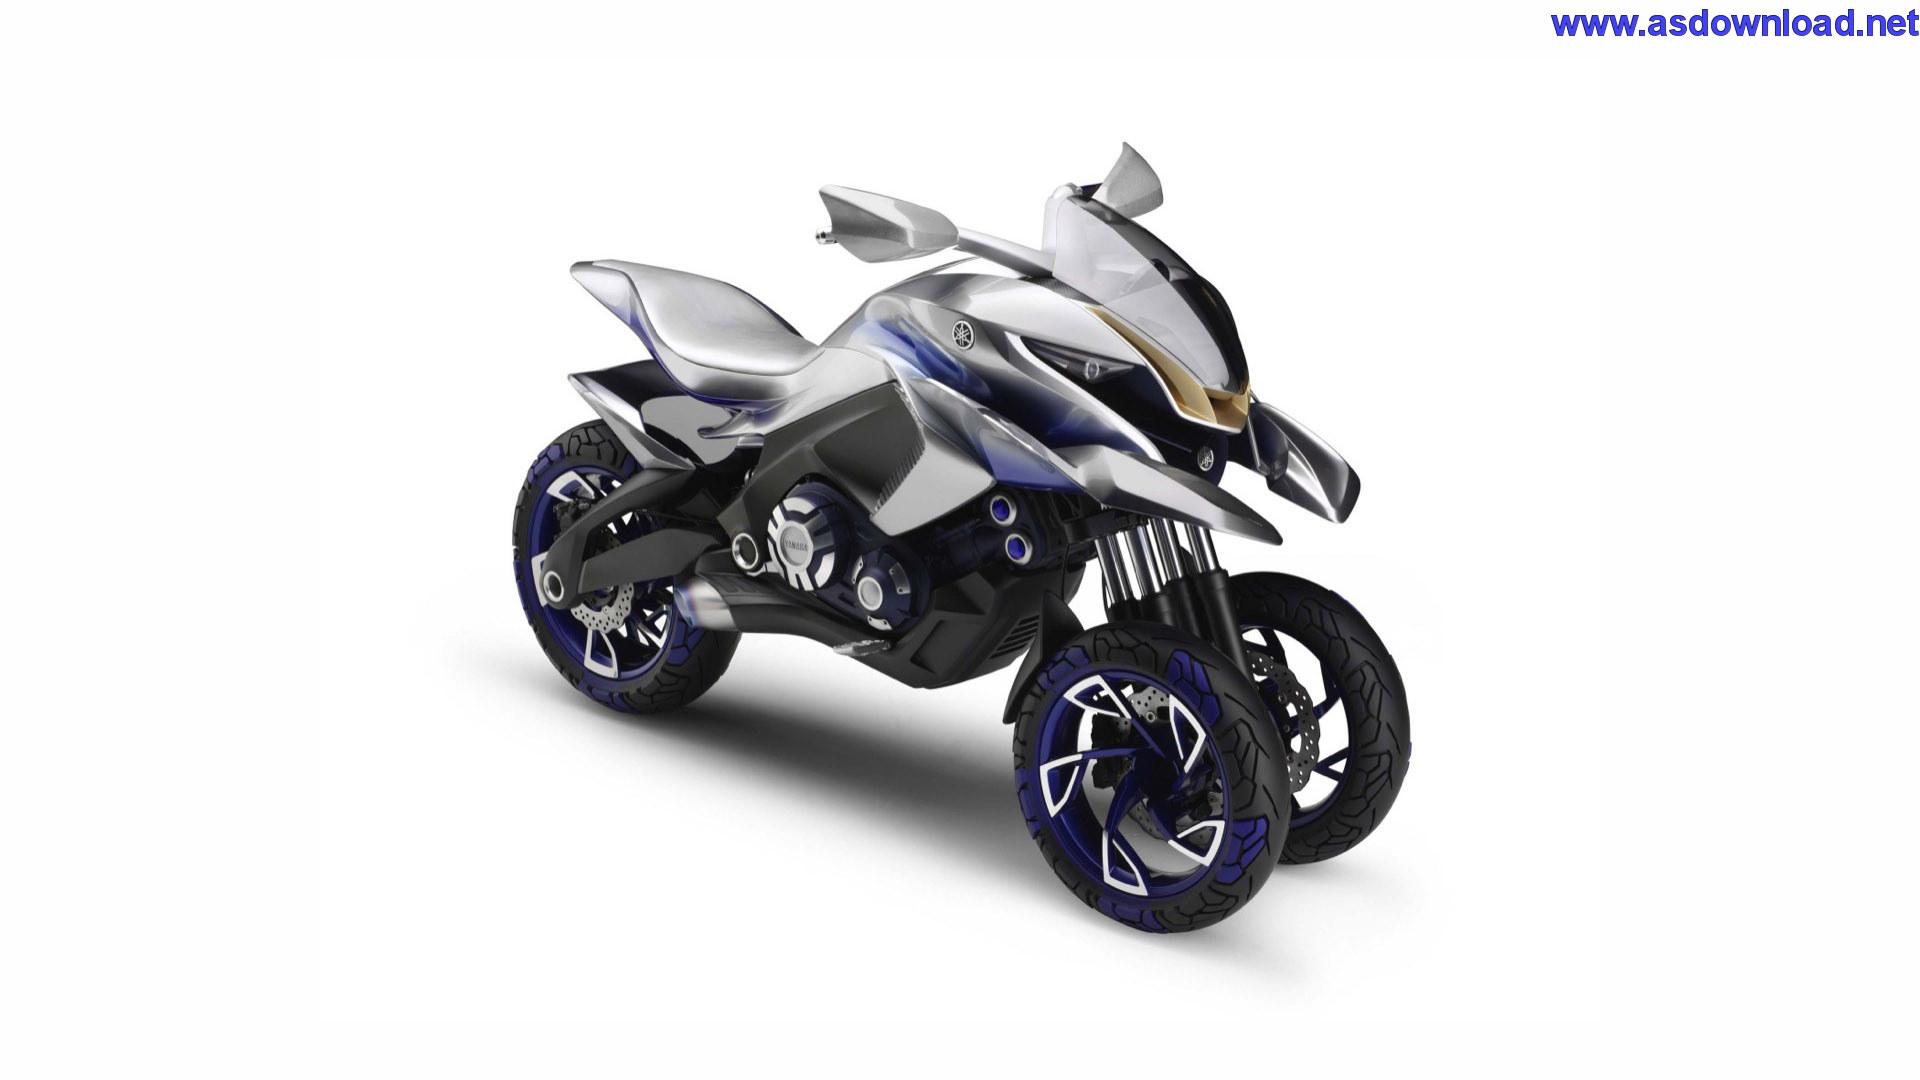 دانلود عکس گرانترین, سریعترین و قوی ترین موتورسیکلت های جهان مدل 2015